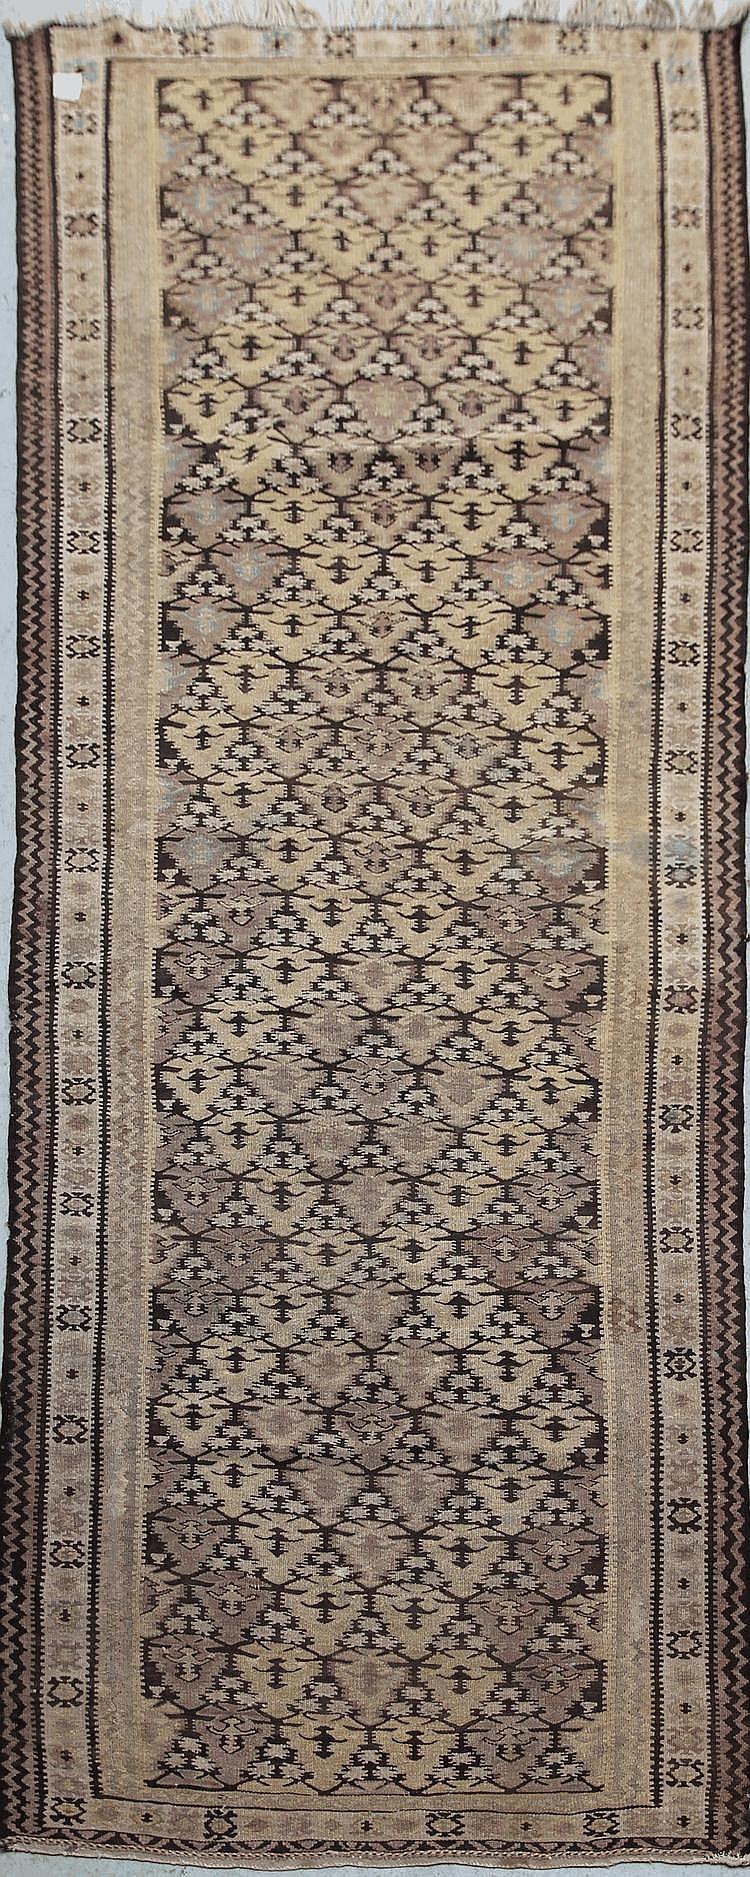 KILIM-VERAMINE (Iran) à semis de petits cyprès stylisés géométriques Milieu XXème siècle 282 x 109 cm